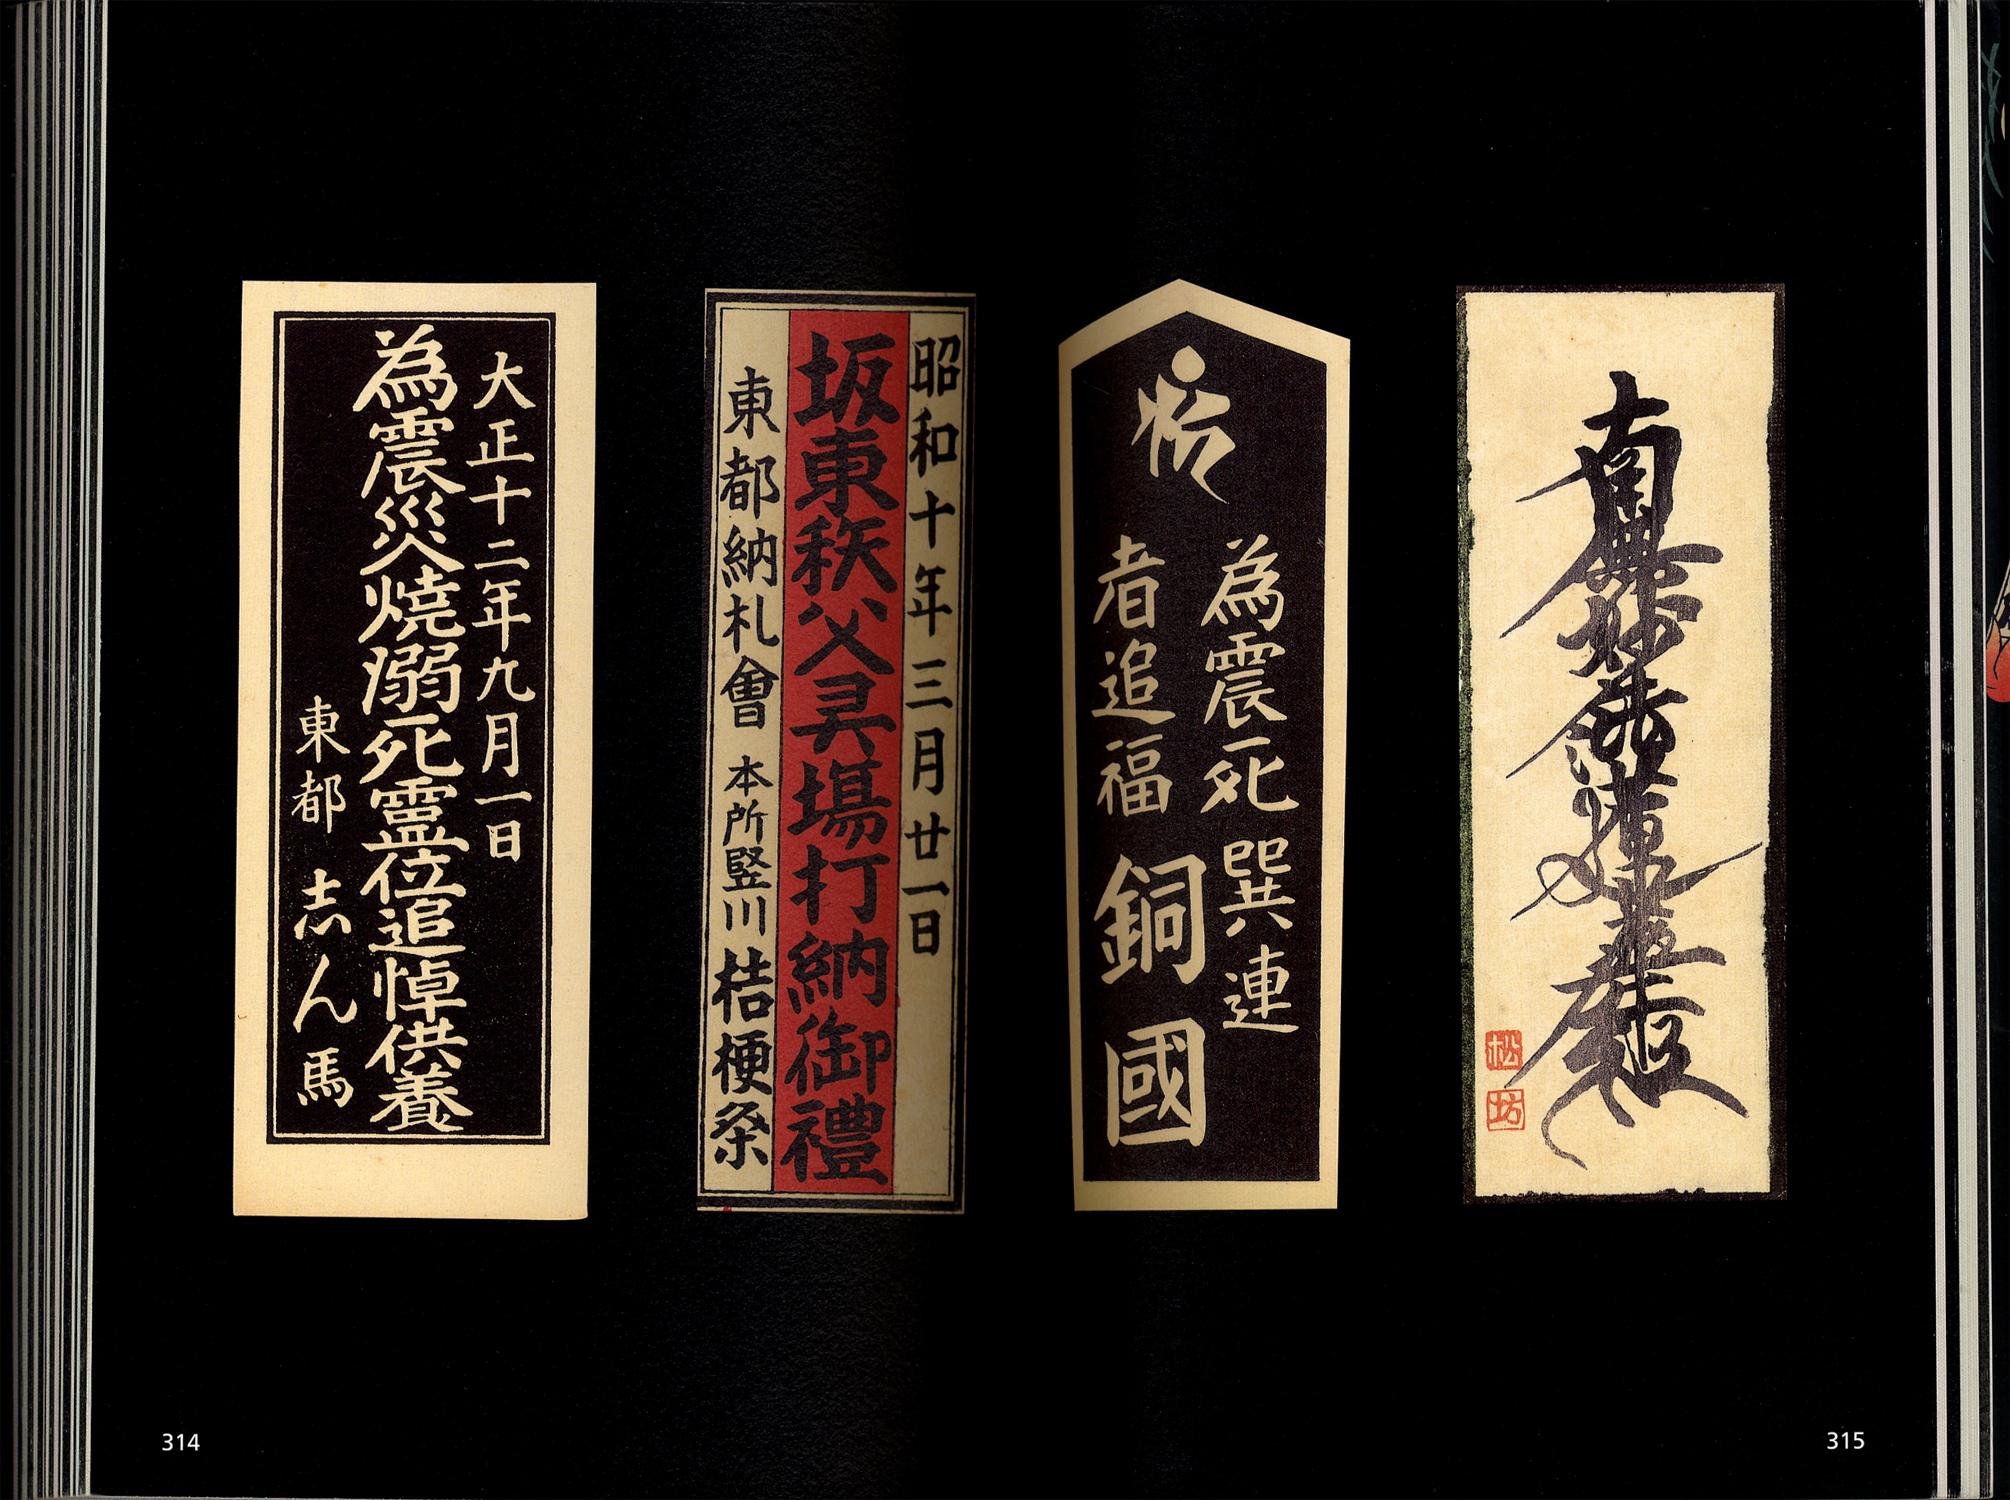 千社札 Sensha Fuda[image5]